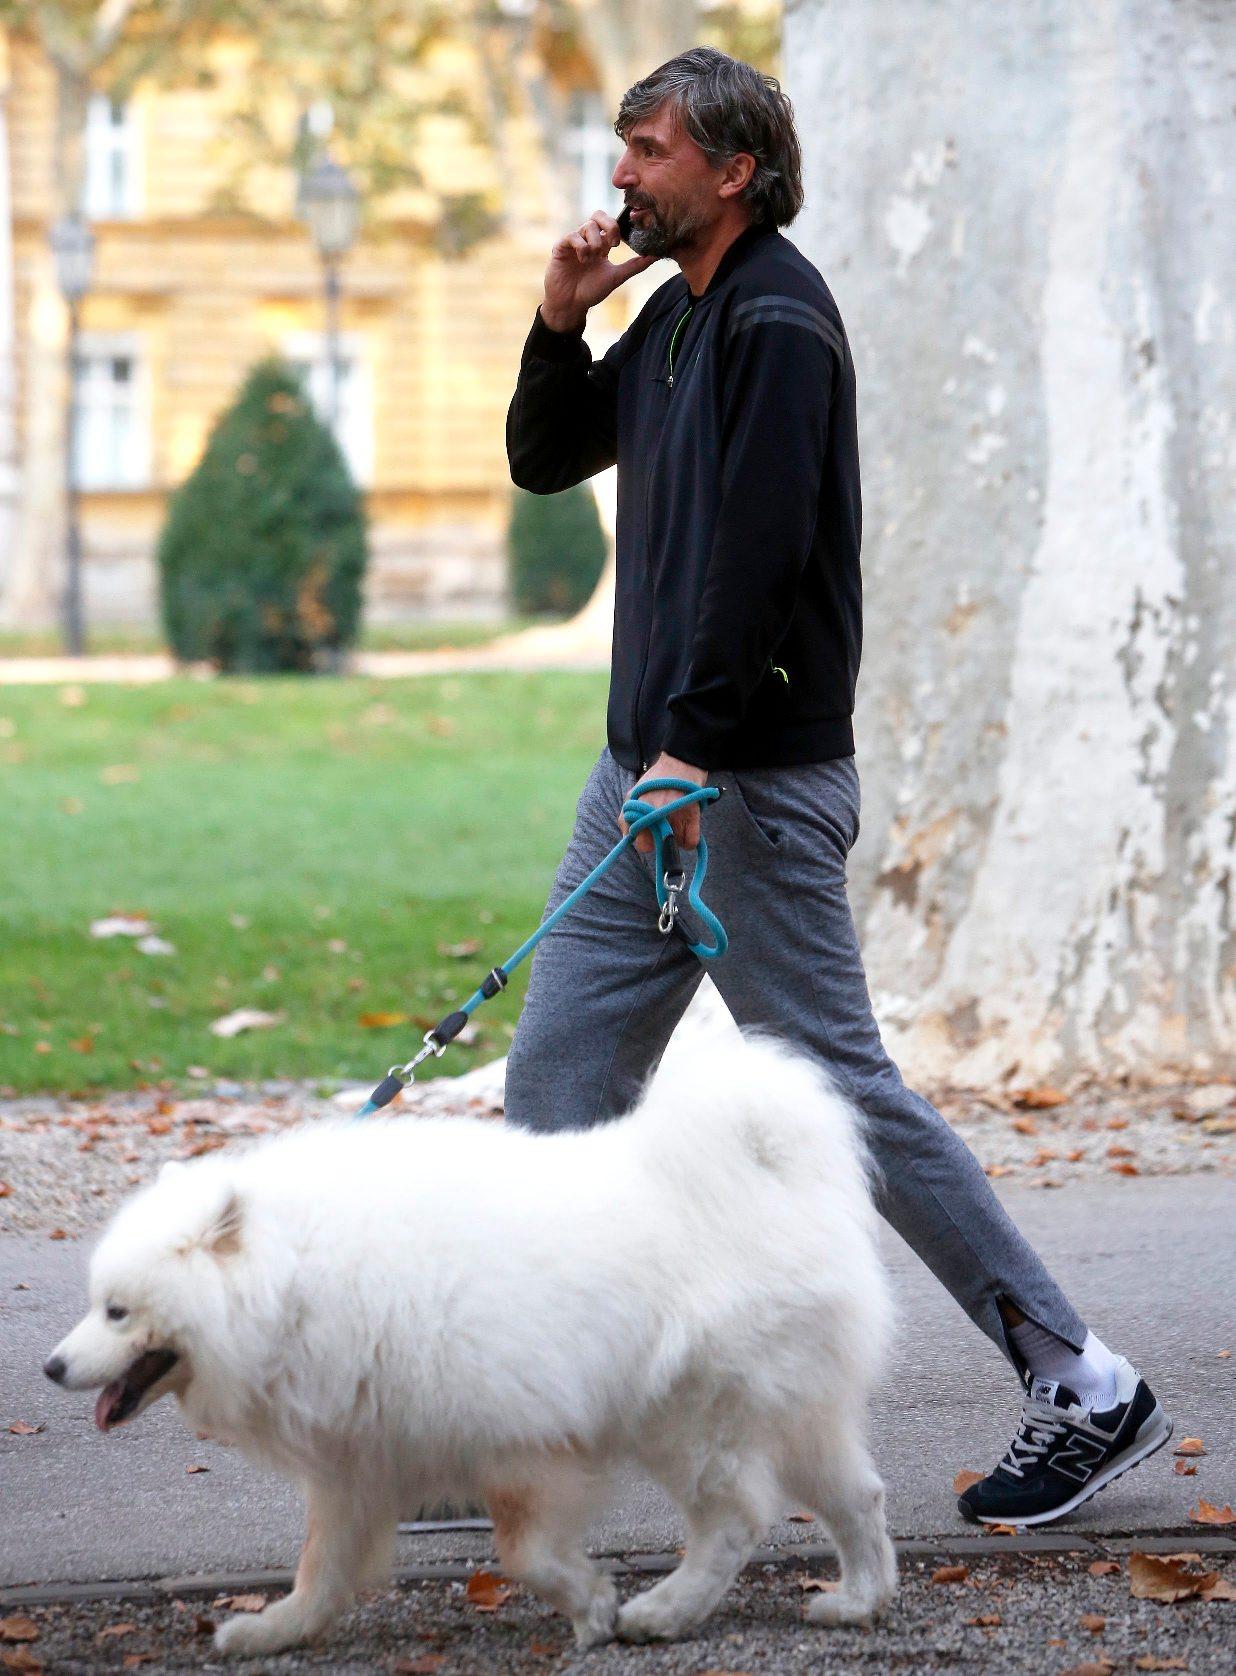 Zagreb, 101018. Park Zrinjevac. Goran Ivanisevic cesto svojeg ljubimca sece parkom Zrinjevac.  Foto: Damjan Tadic / CROPIX